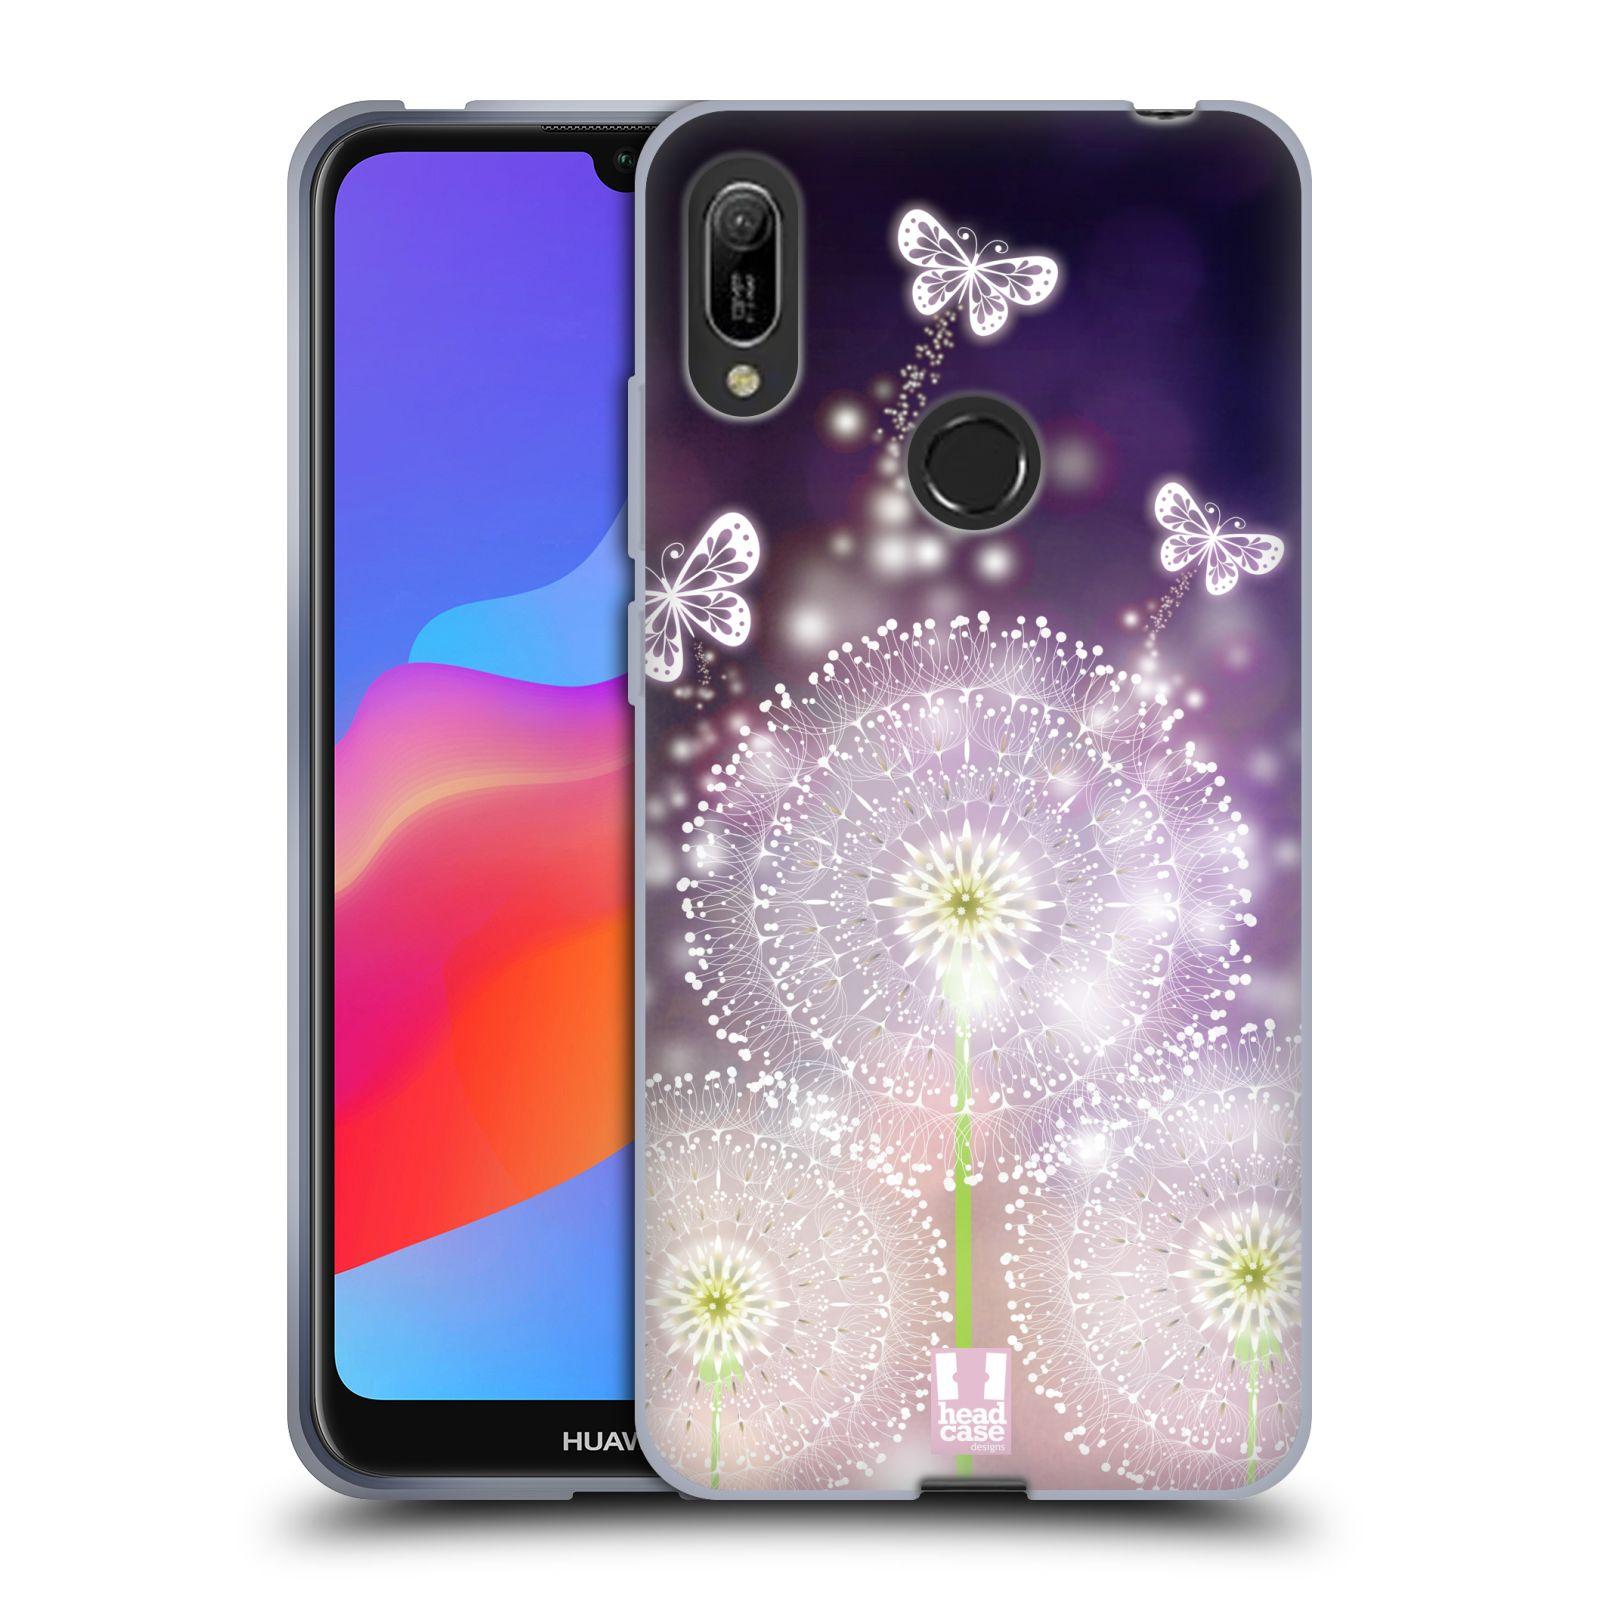 Silikonové pouzdro na mobil Huawei Y6 (2019) - Head Case - Pampelišky a Motýlci